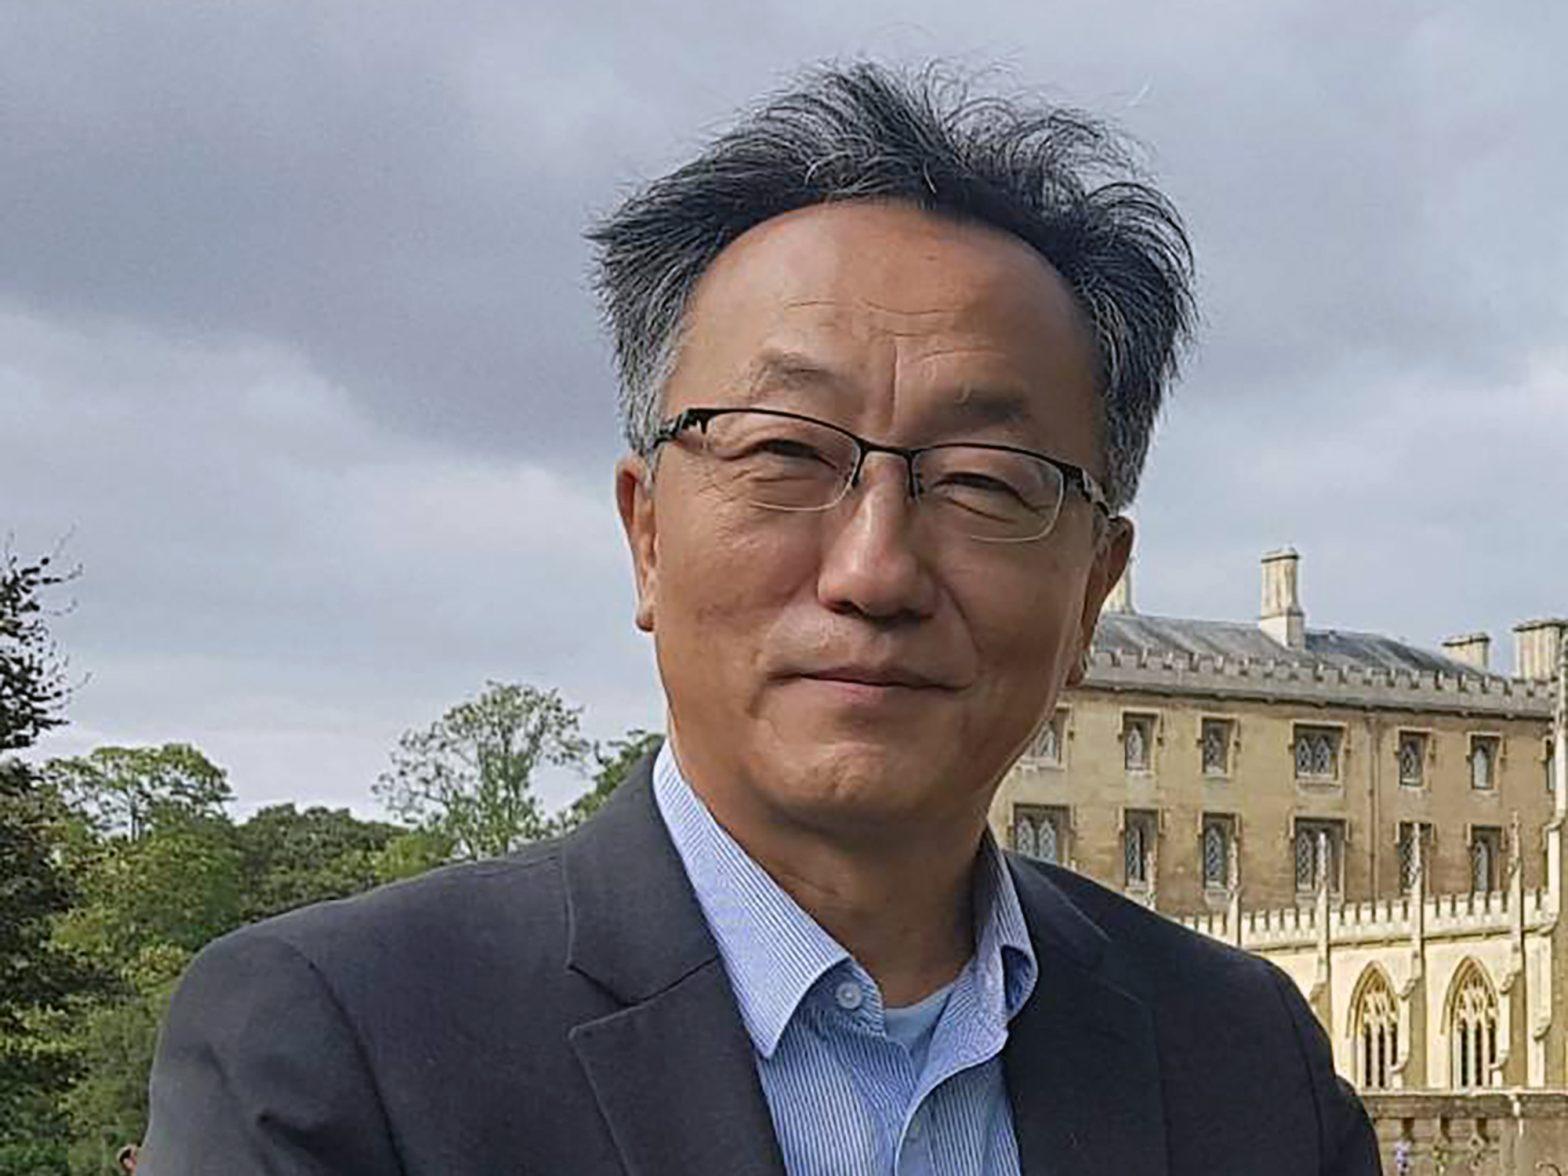 ヘオニク・クウォン教授、トリニティコレッジの社会人類学上級研究フェロー